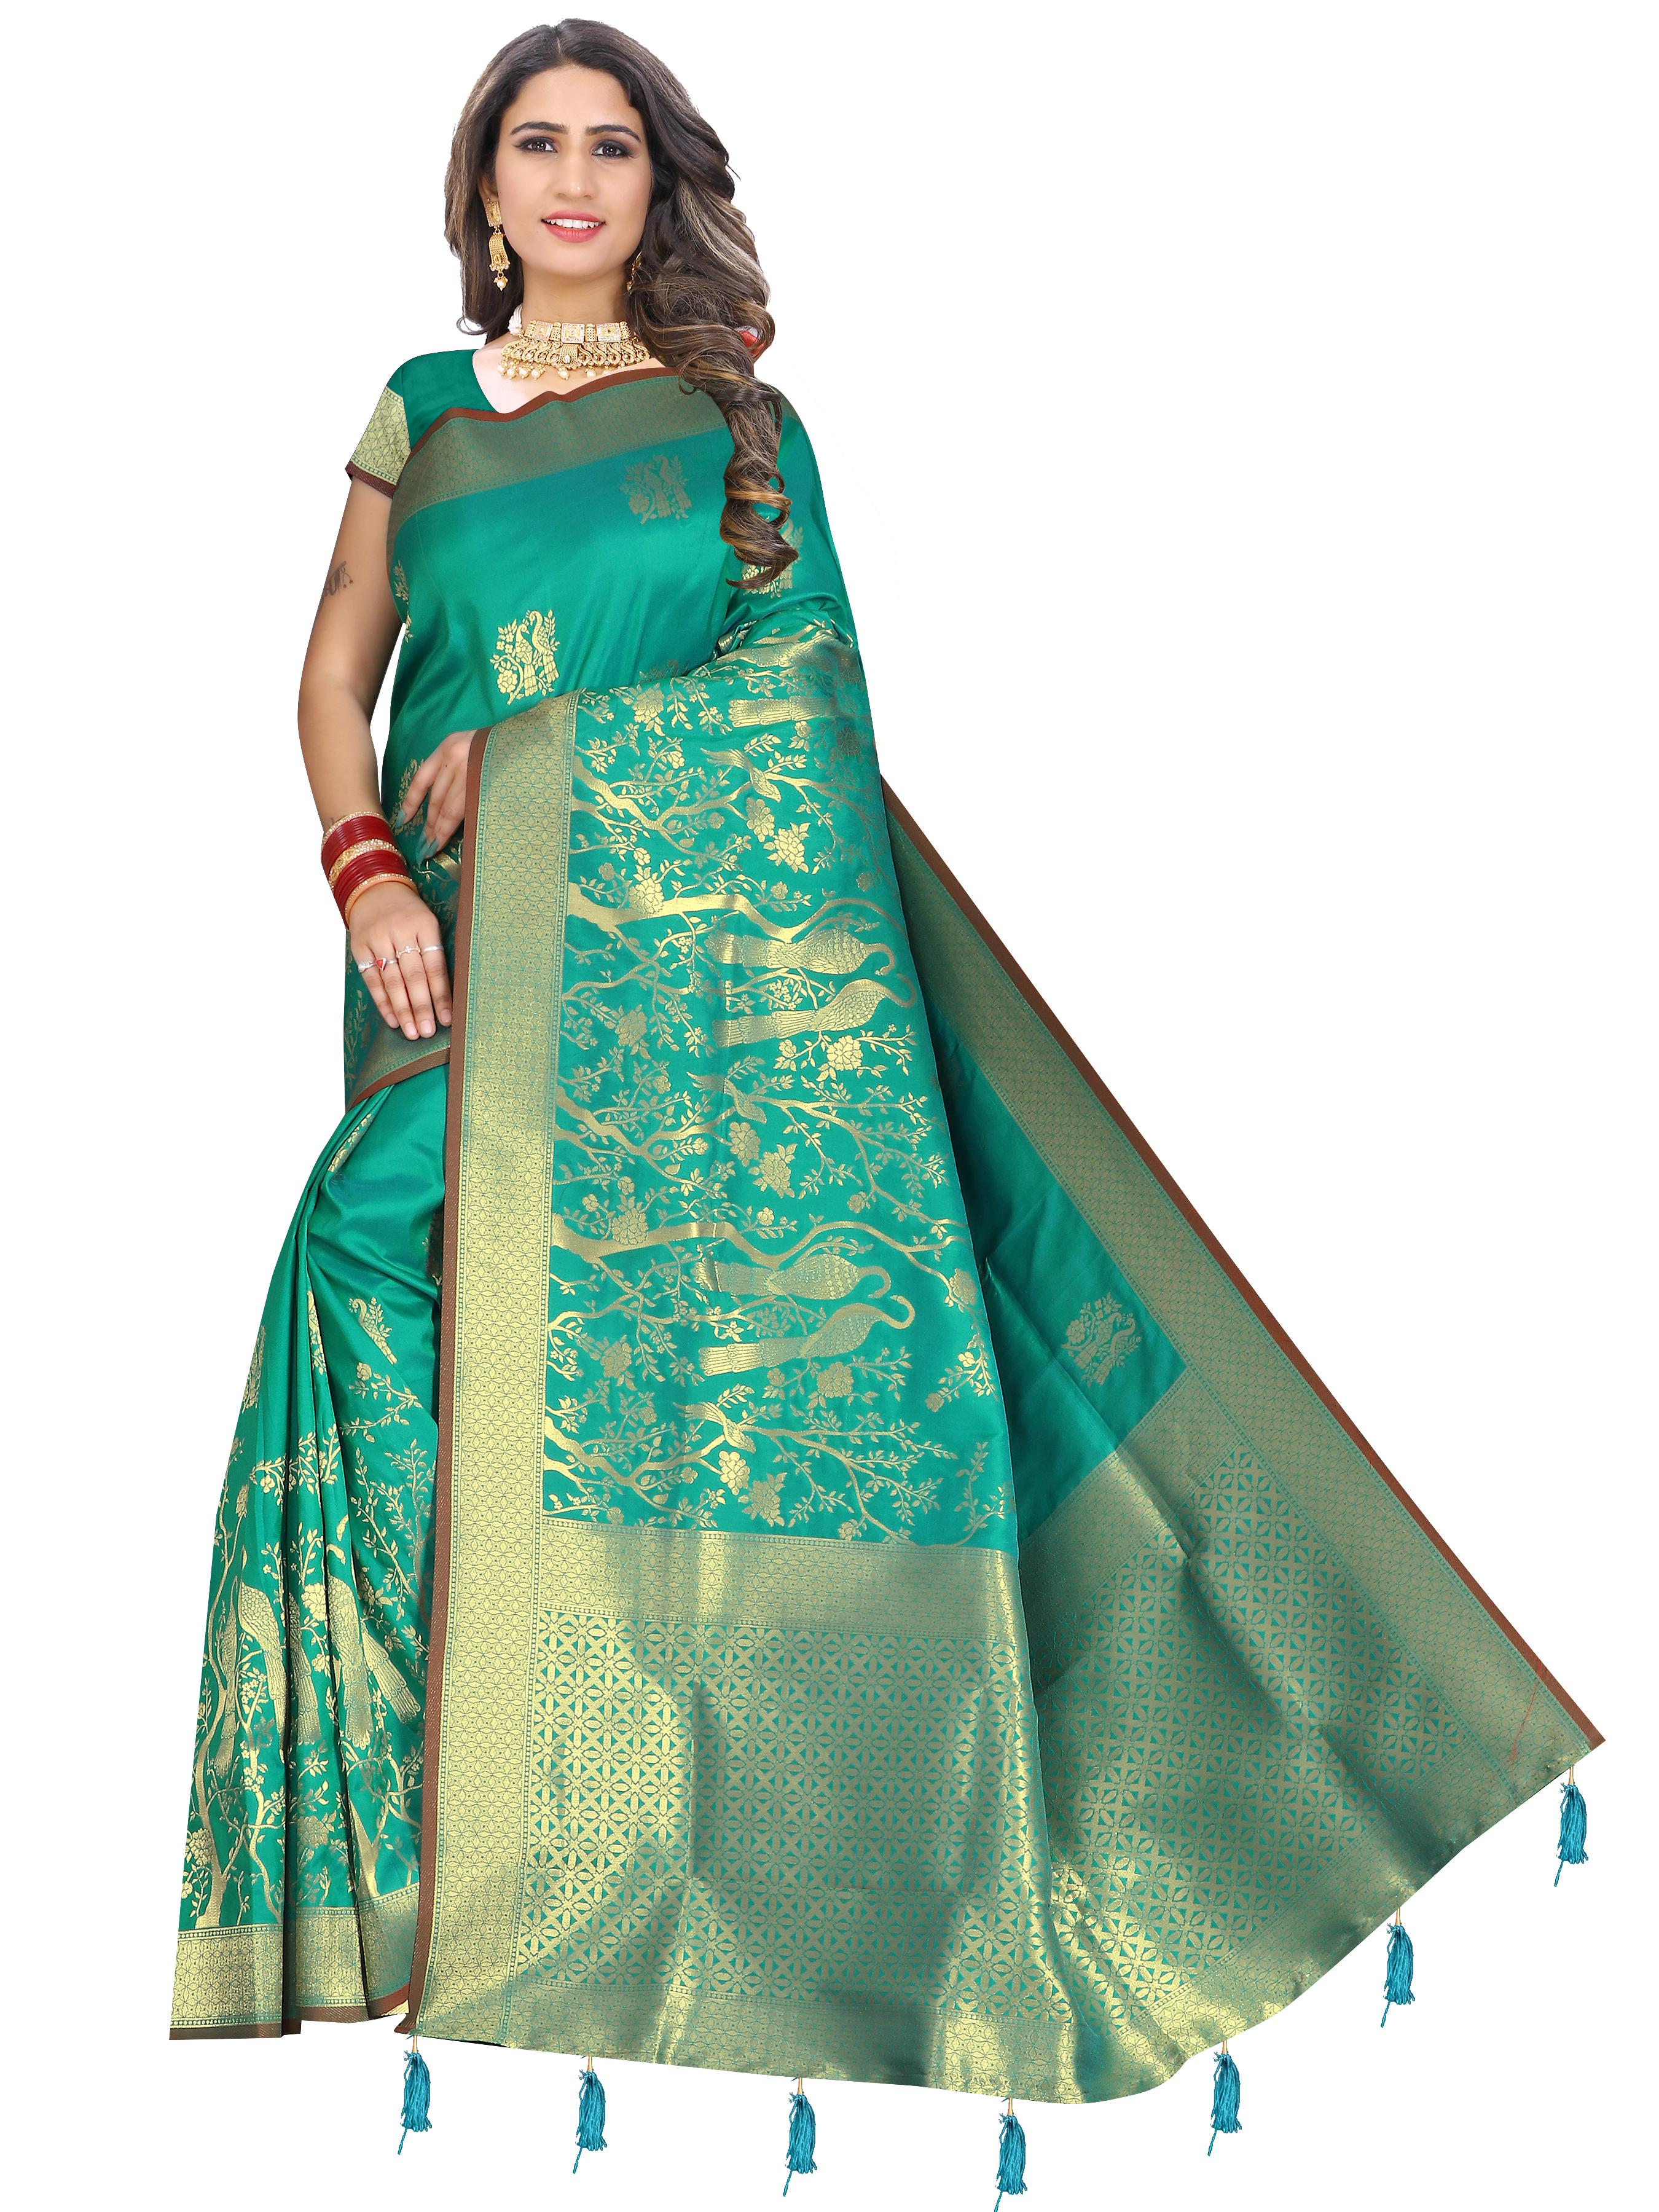 Glemora   Glemora Saree for Women Banarasi Silk With Blouse, Women Silk Sarees ( Rama )